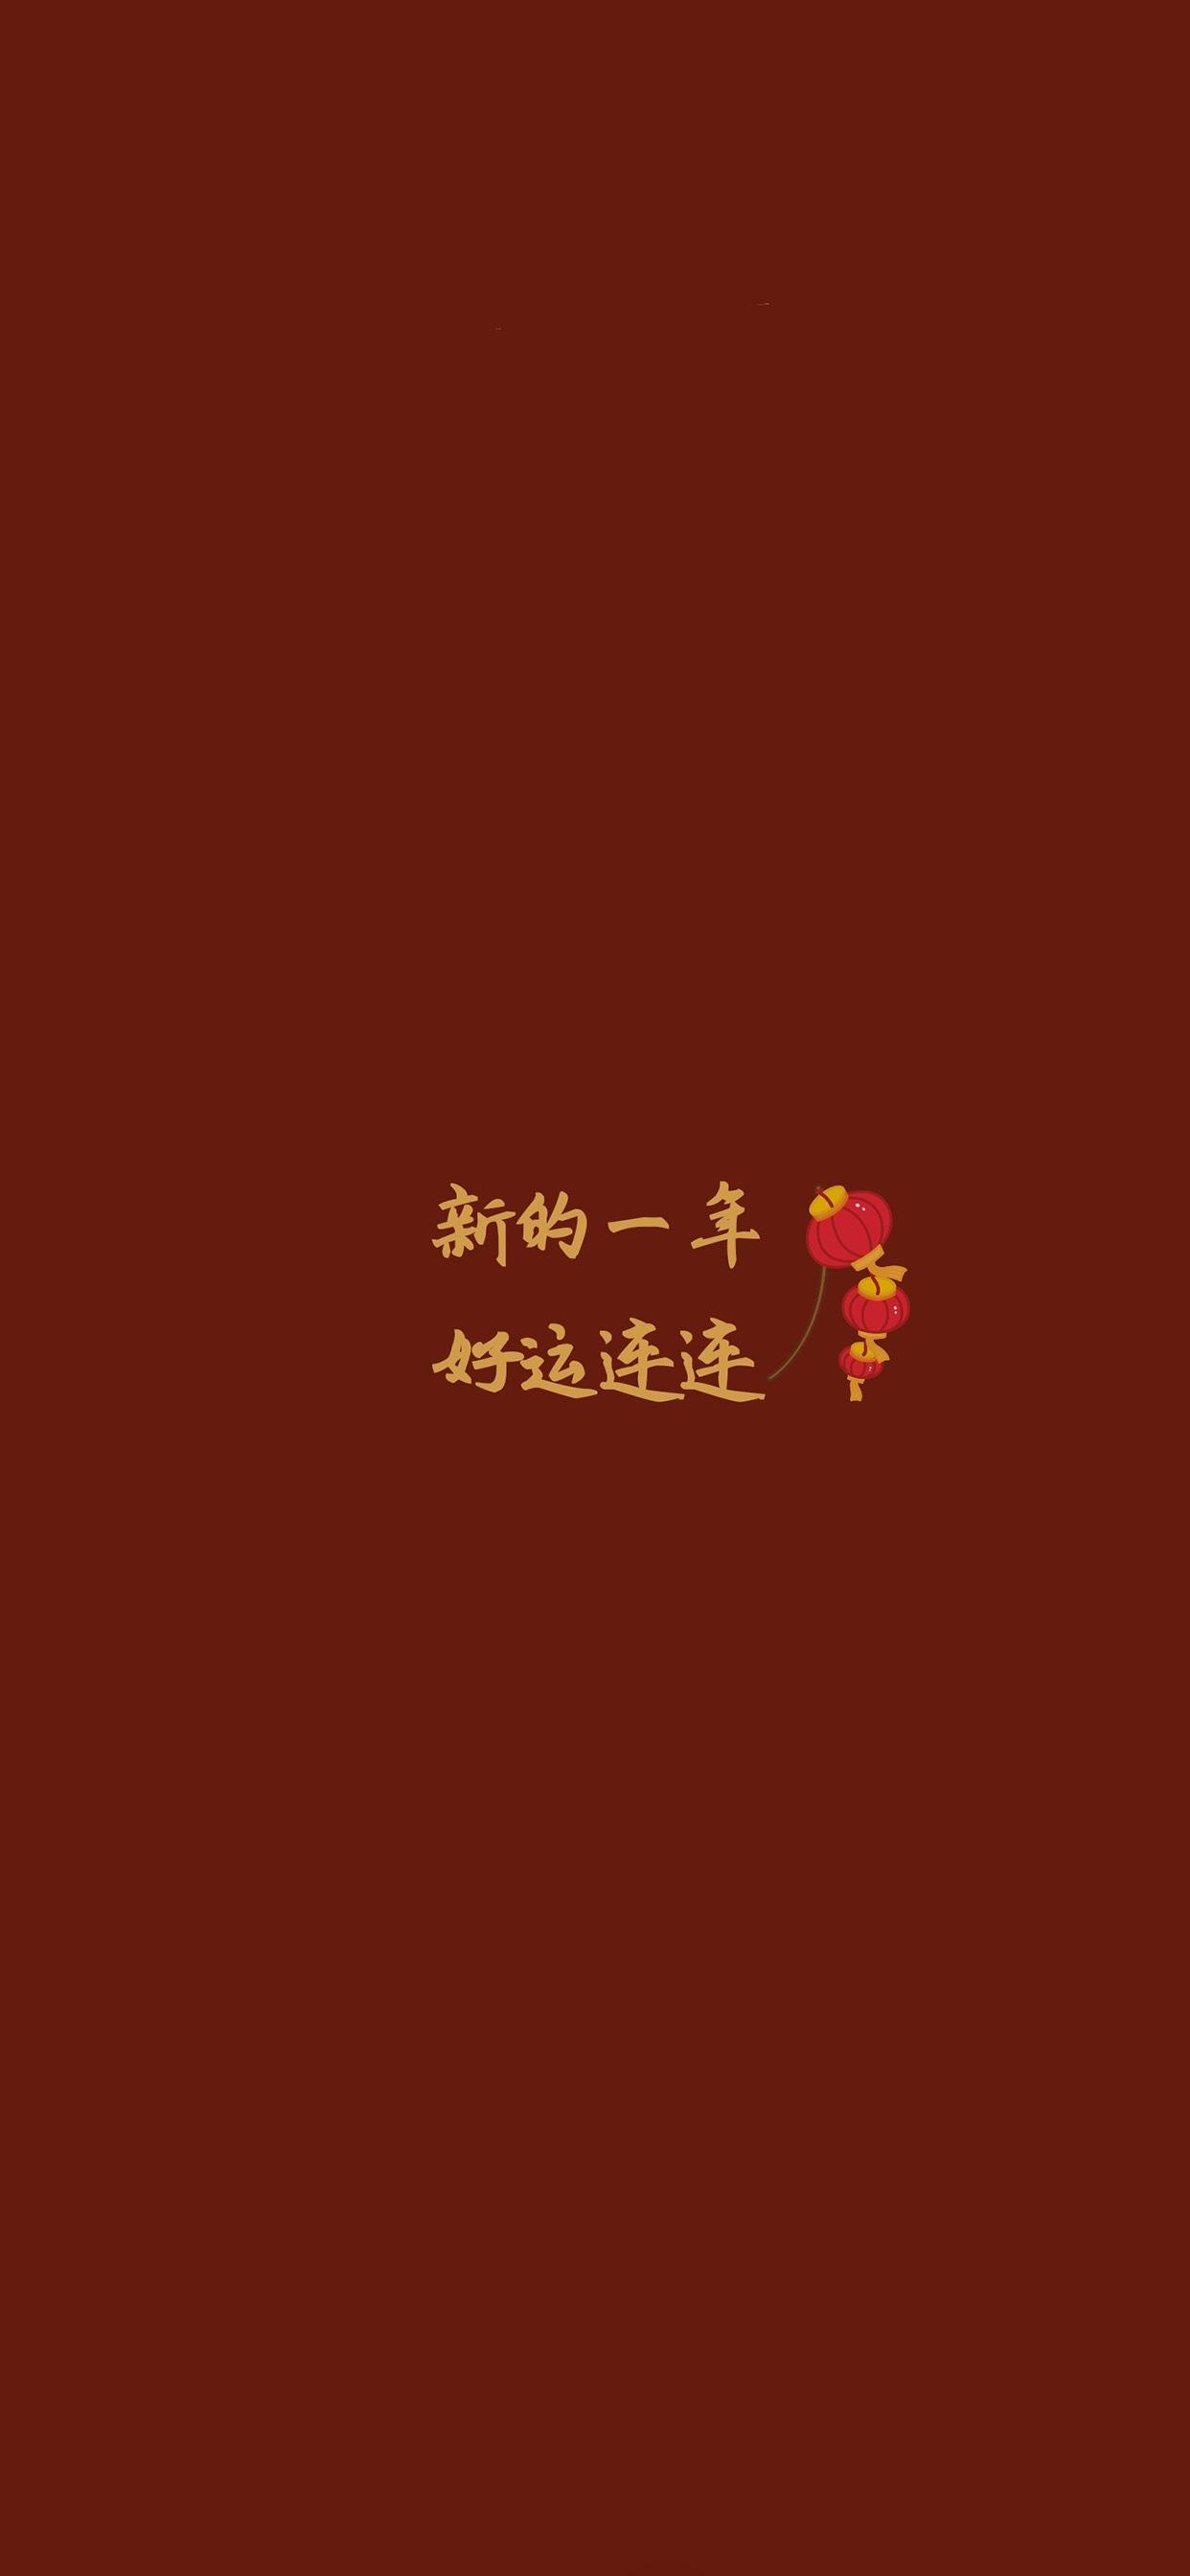 简约红色的新年写祝福手机唯美壁纸